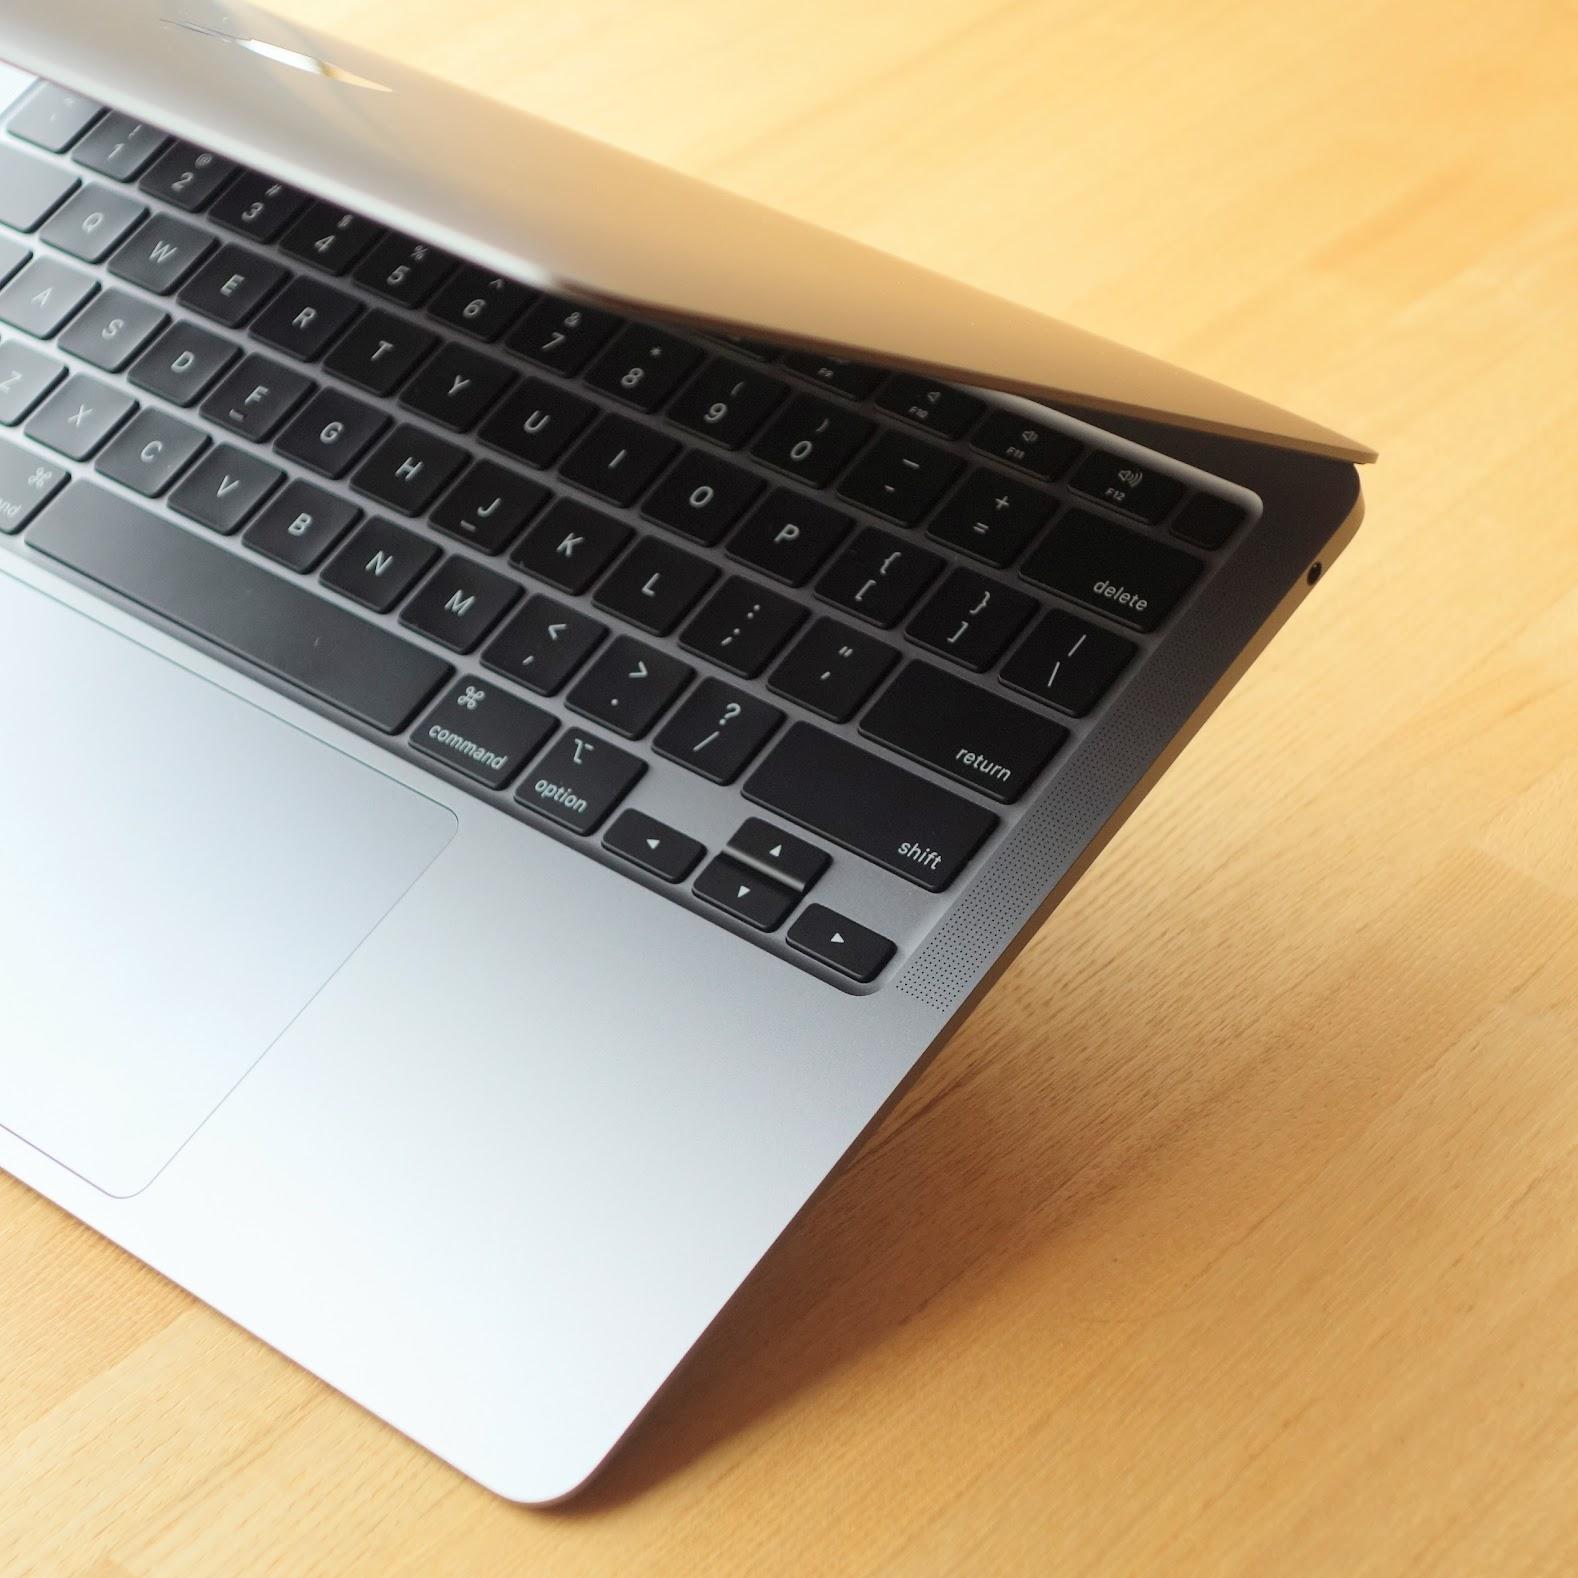 MacBook Air 2020 レビュー 外観